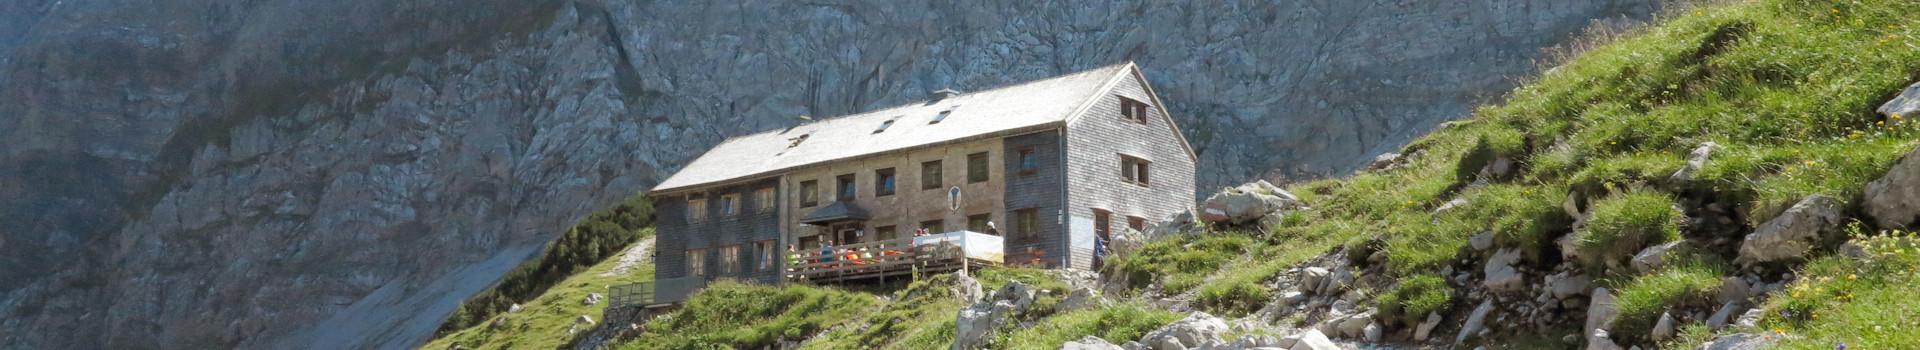 Kleine Karwendelrunde zur Falken- und Lamsenjochhütte